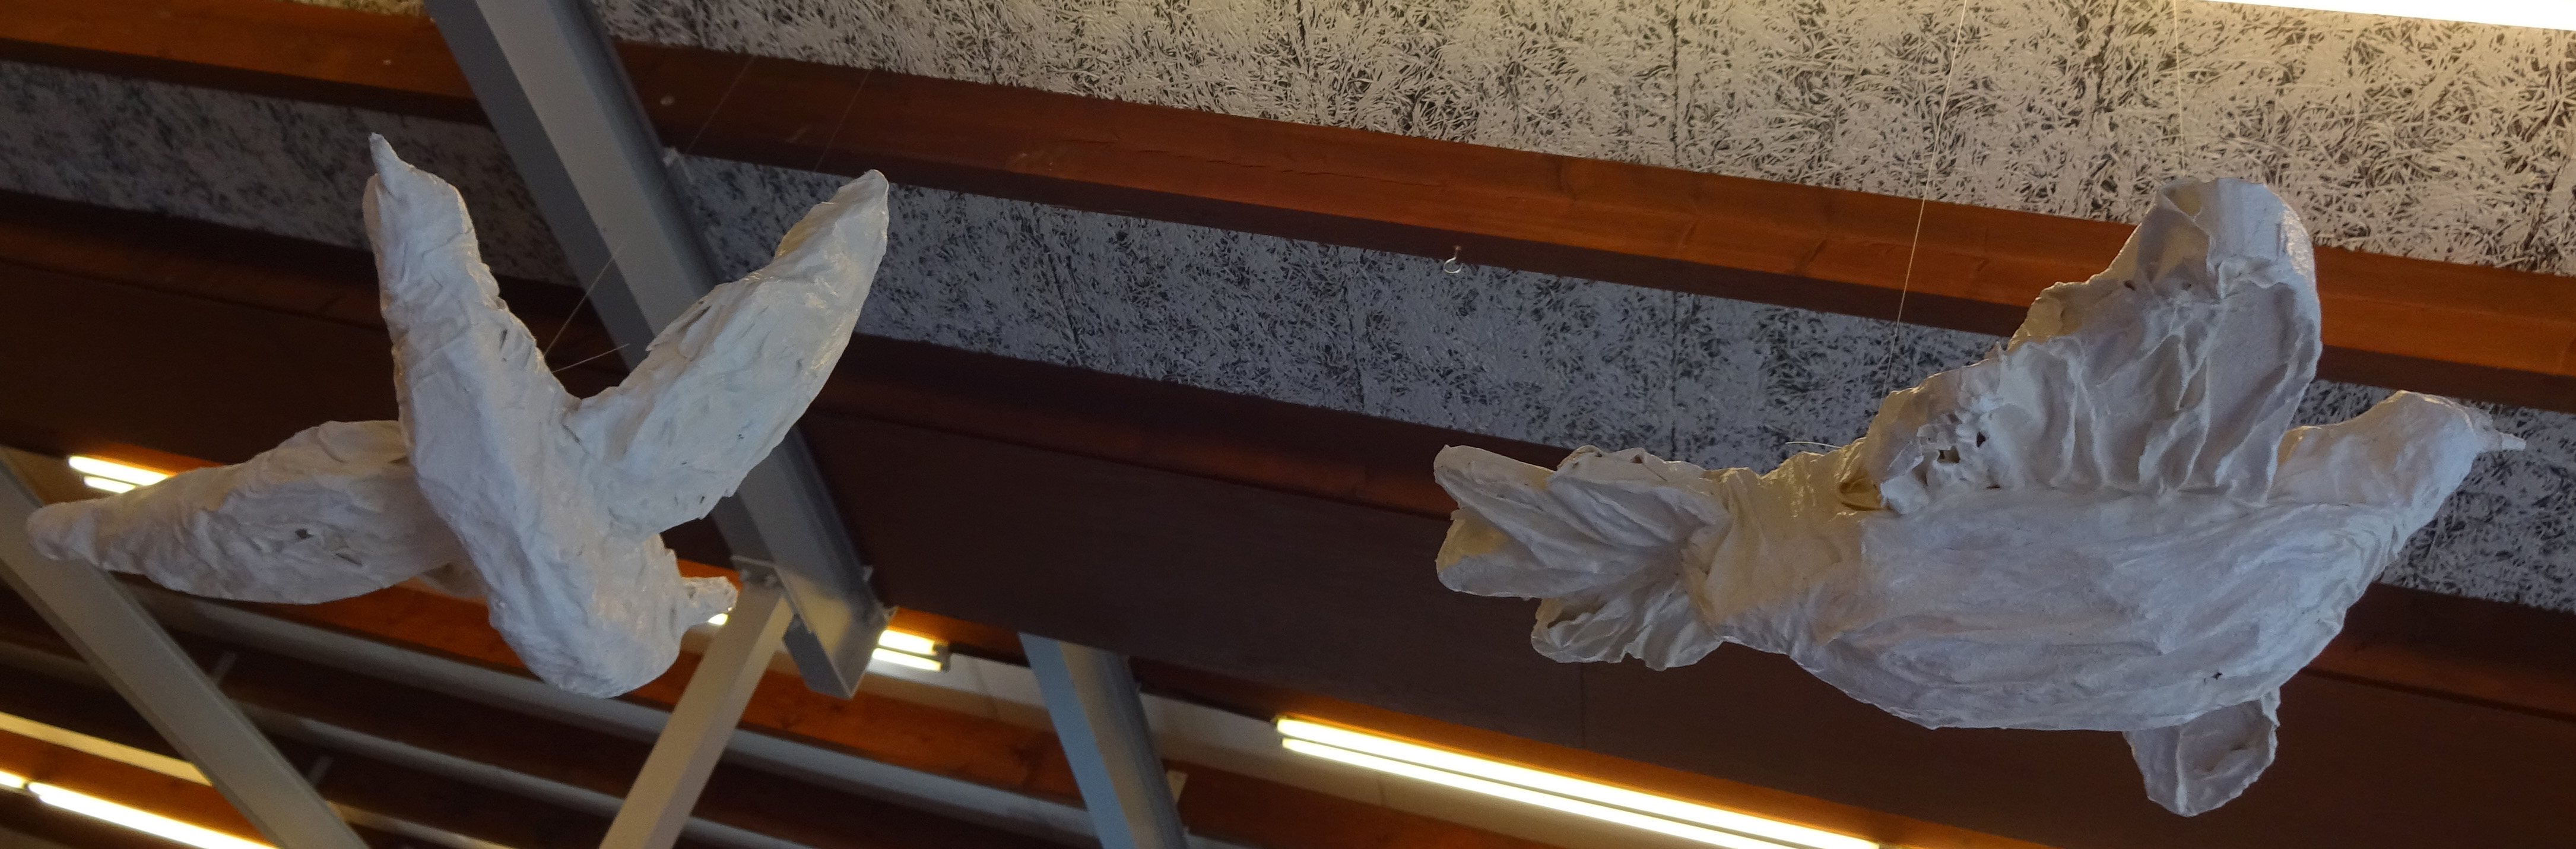 Vrije-vogels-4-door-Annelies-Leeflang